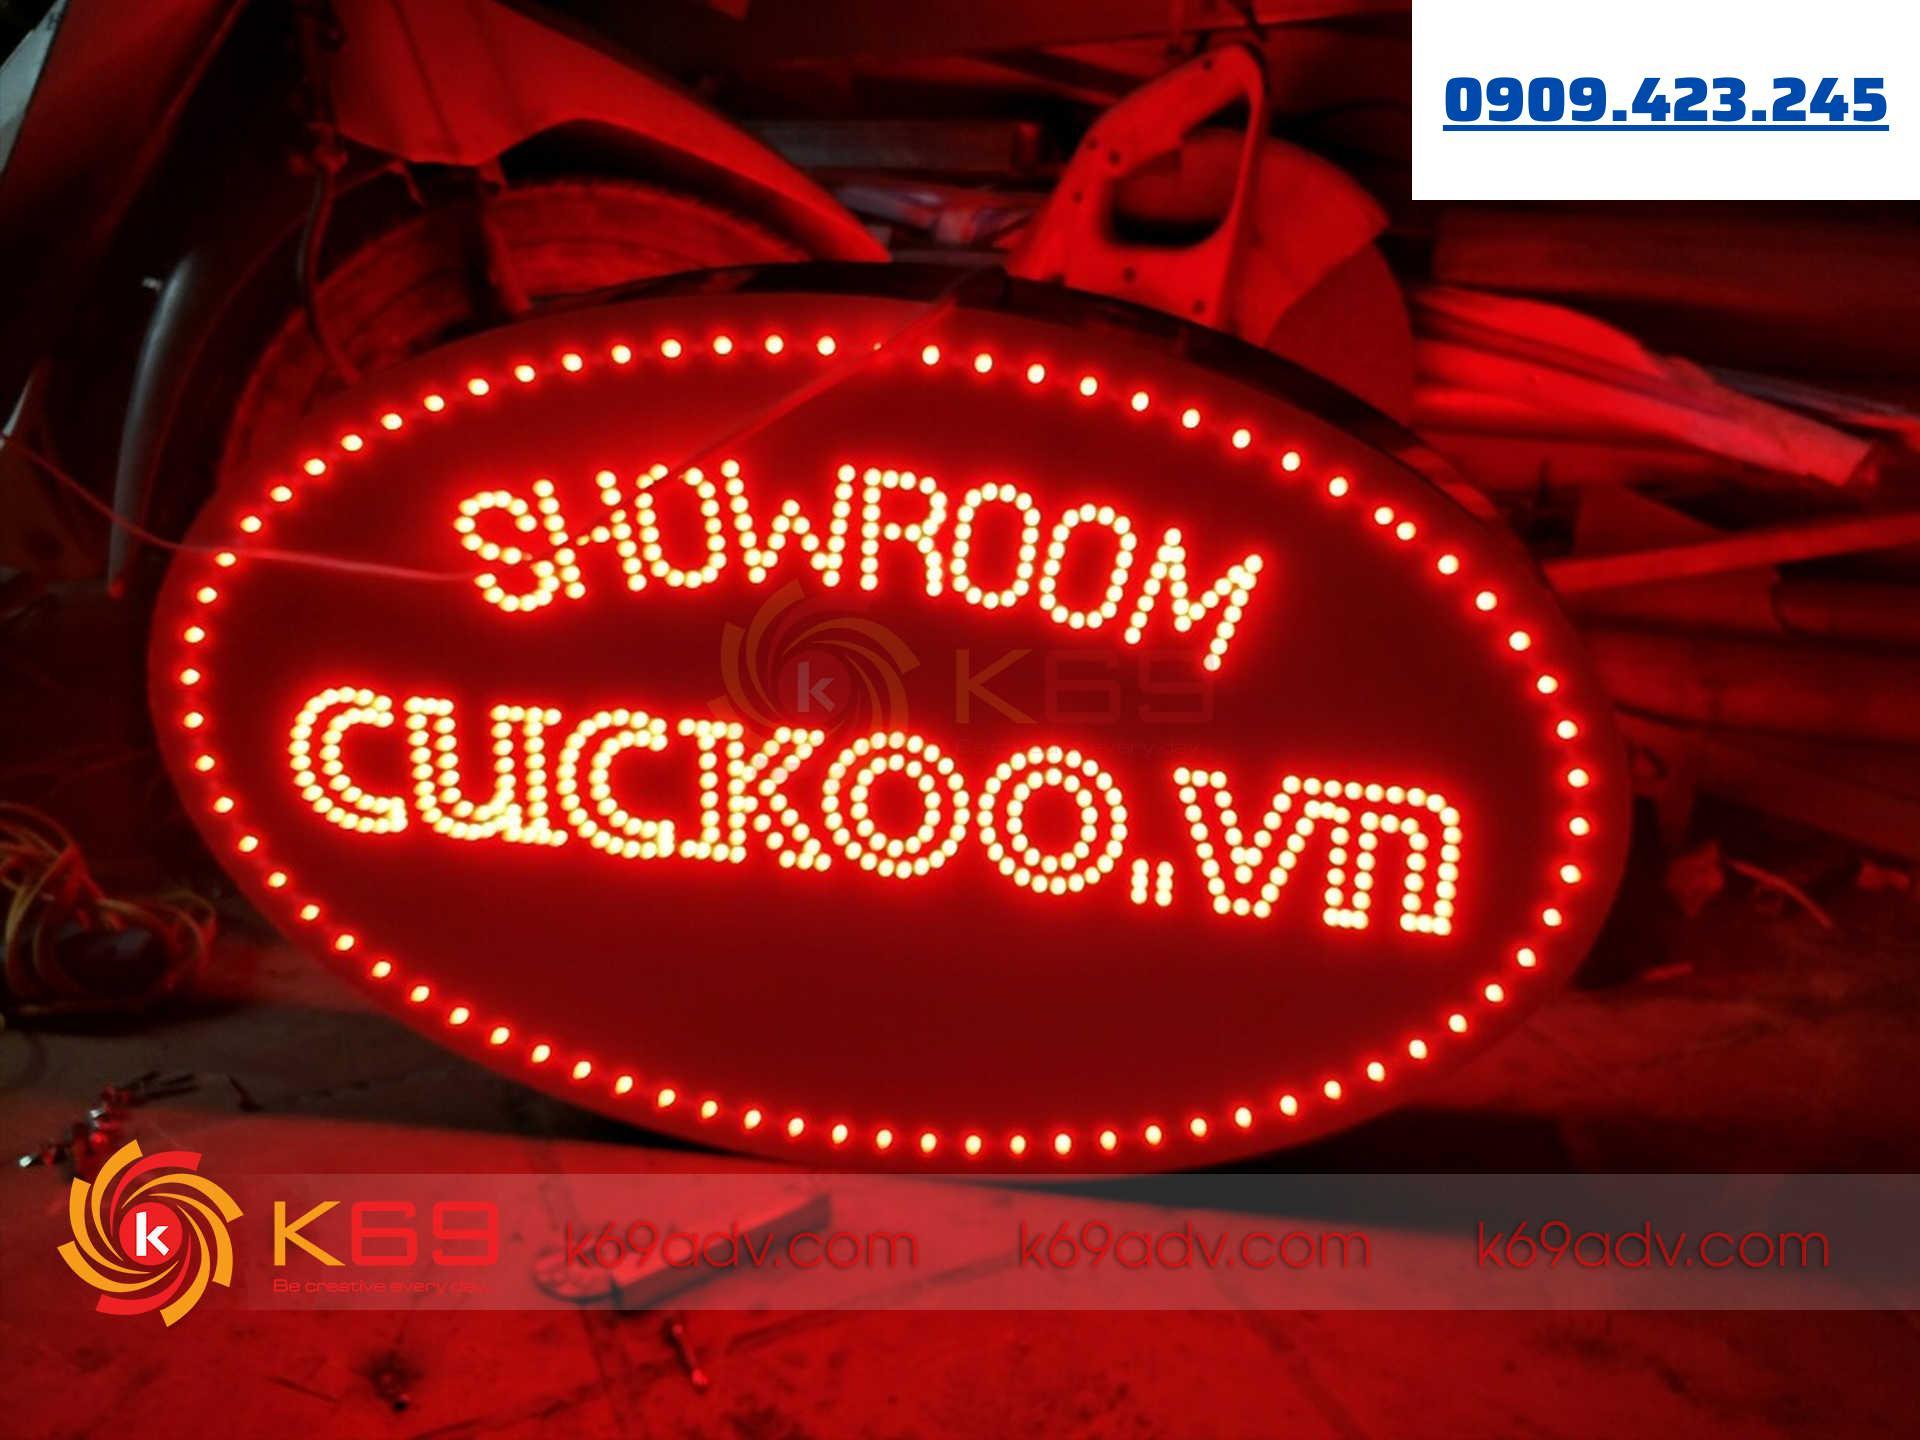 Làm bảng hiệu hộp đèn led nháy tại K69adv